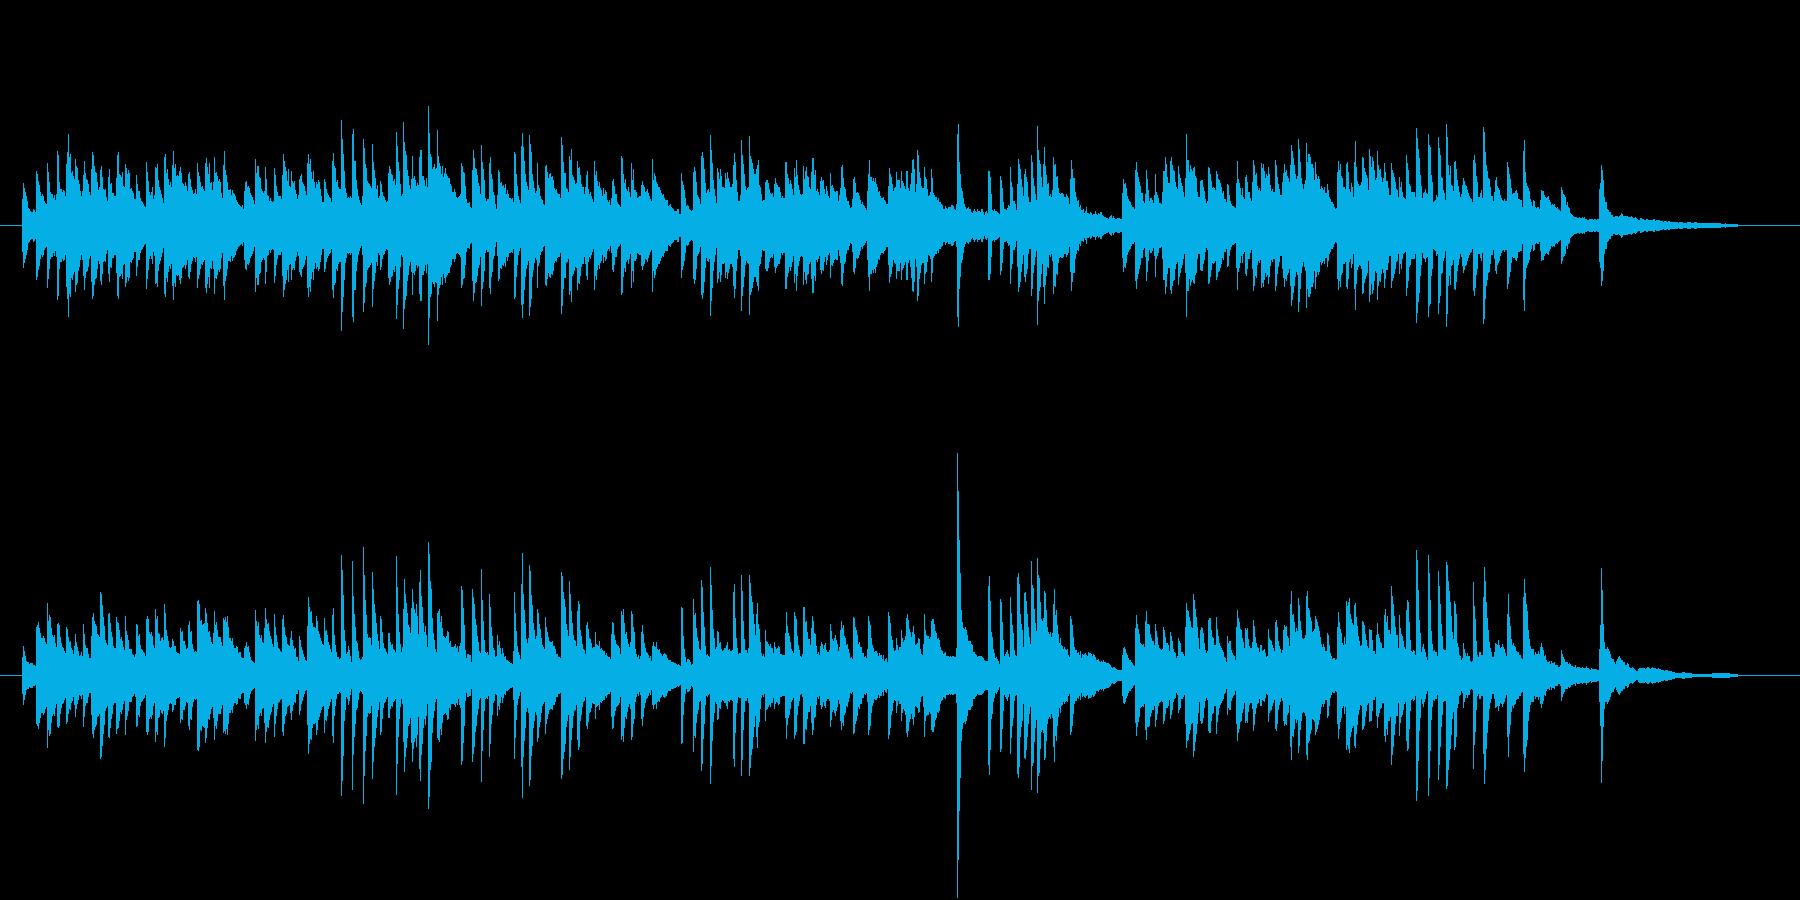 【ピアノソロ】迷い・悲しみ・不安の再生済みの波形